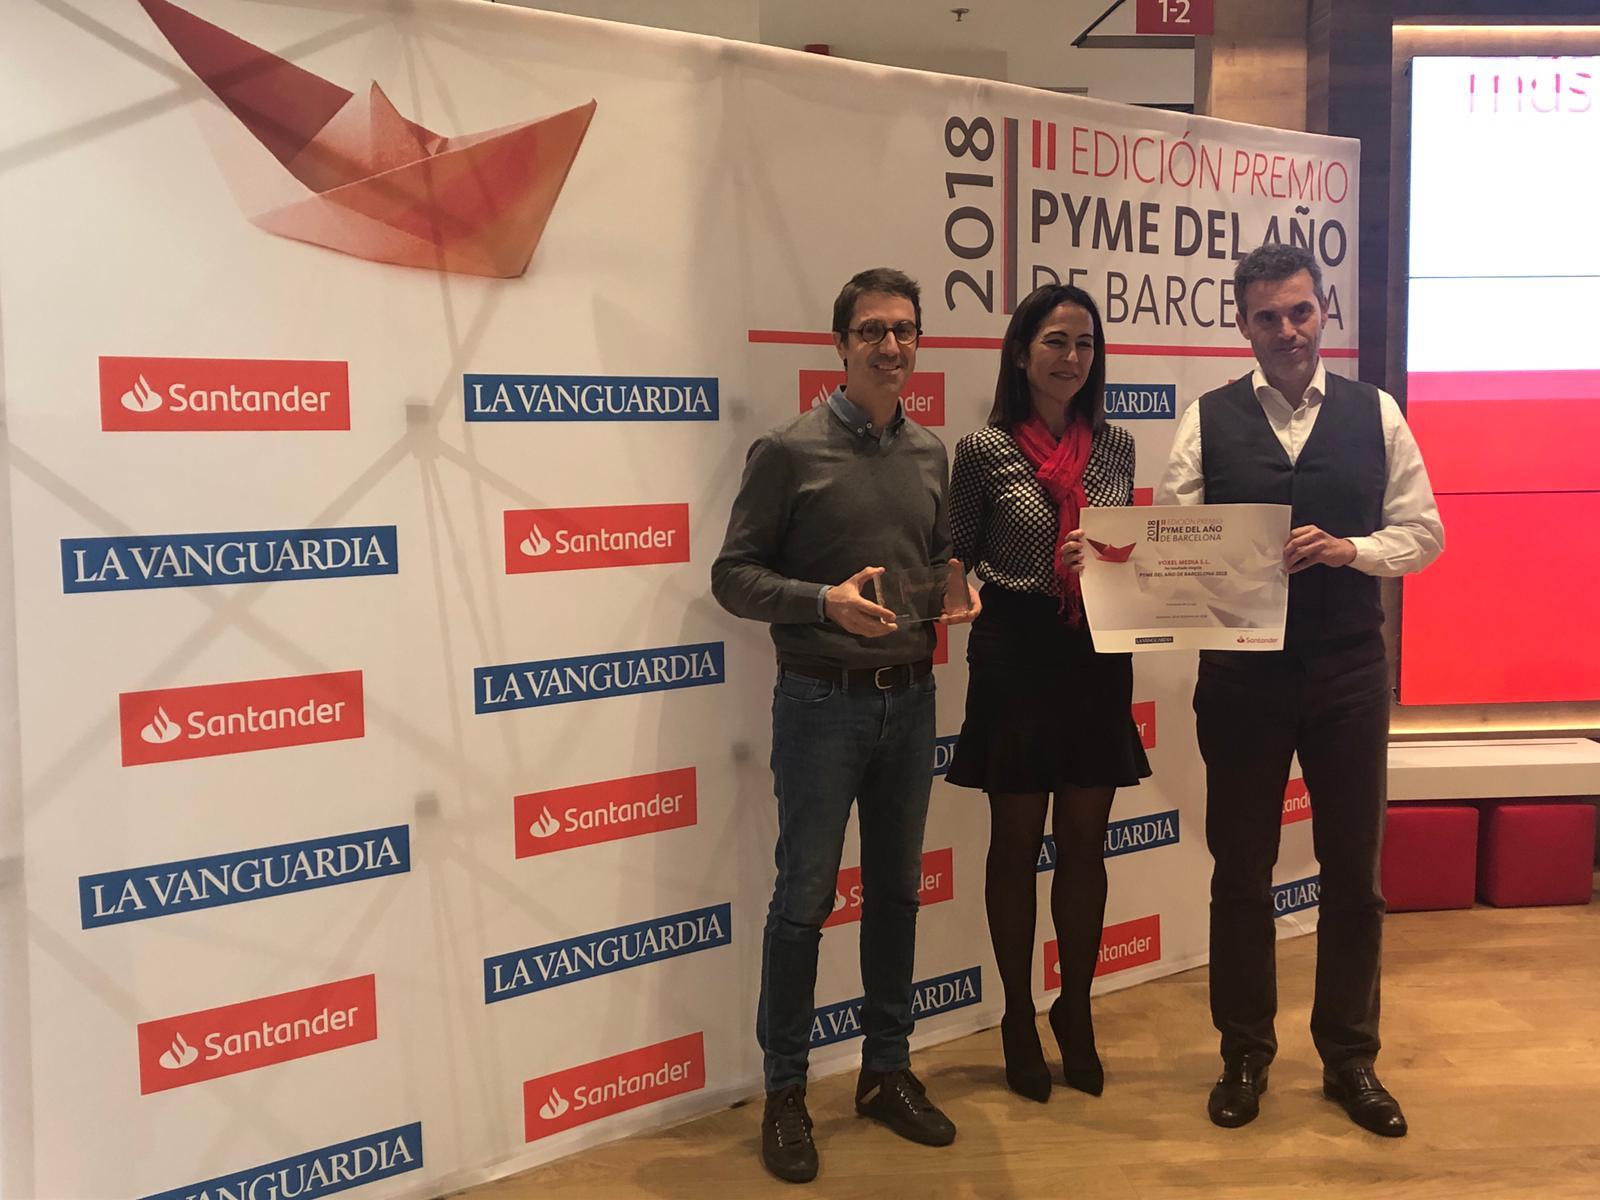 Voxel Group recibe el premio Pyme del año 2018